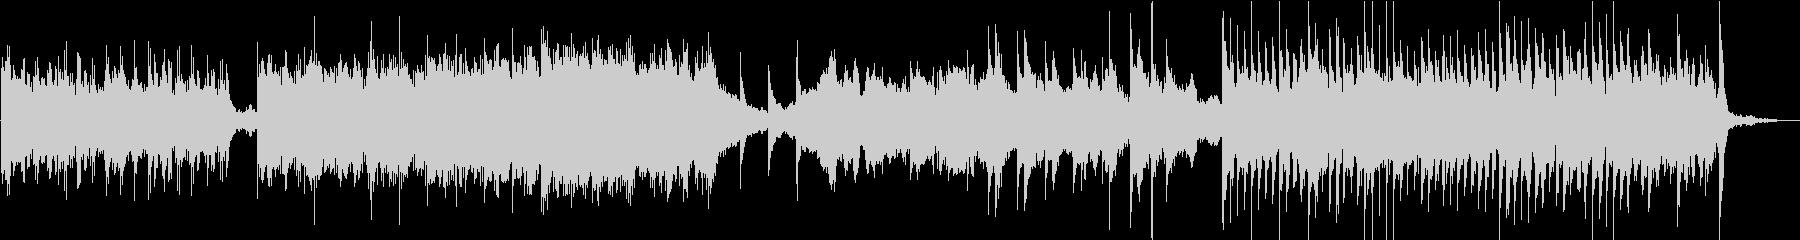 企業VPや映像/壮大オーケストラBGMの未再生の波形